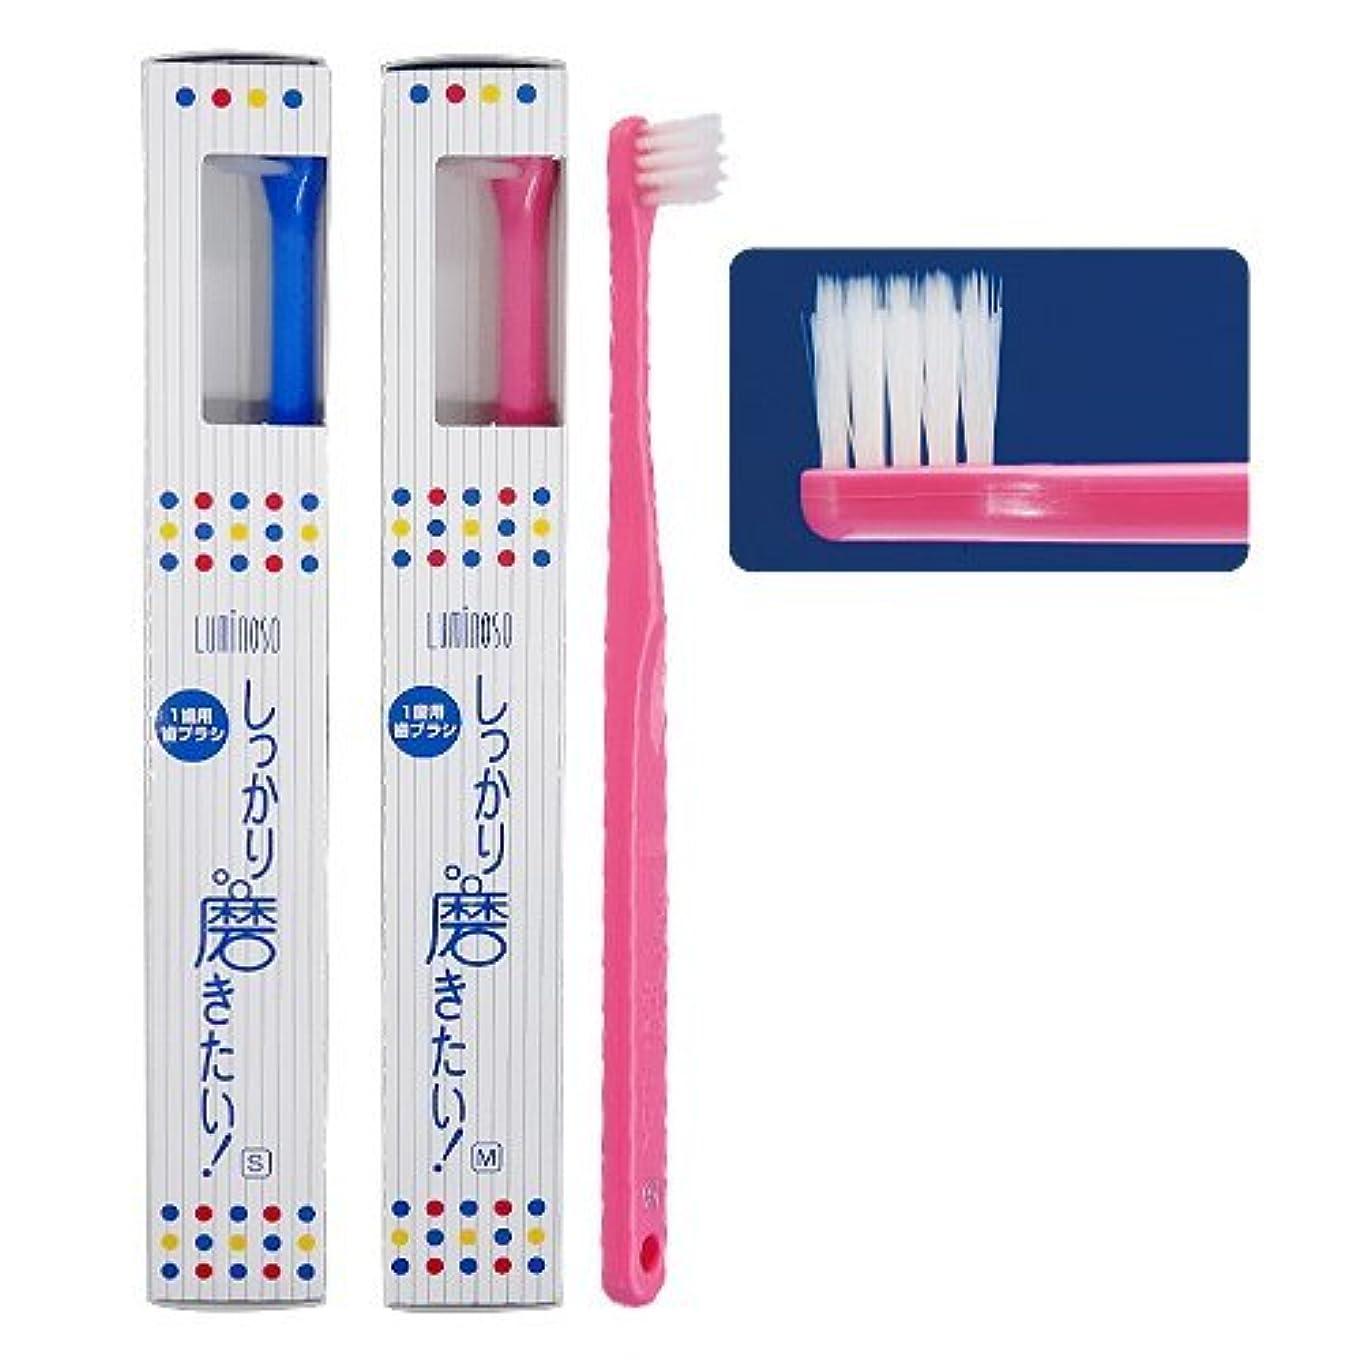 緊張する隣接するむしゃむしゃルミノソ 1歯用歯ブラシ「しっかり磨きたい!」スタンダード ミディアム (カラー指定不可) 10本